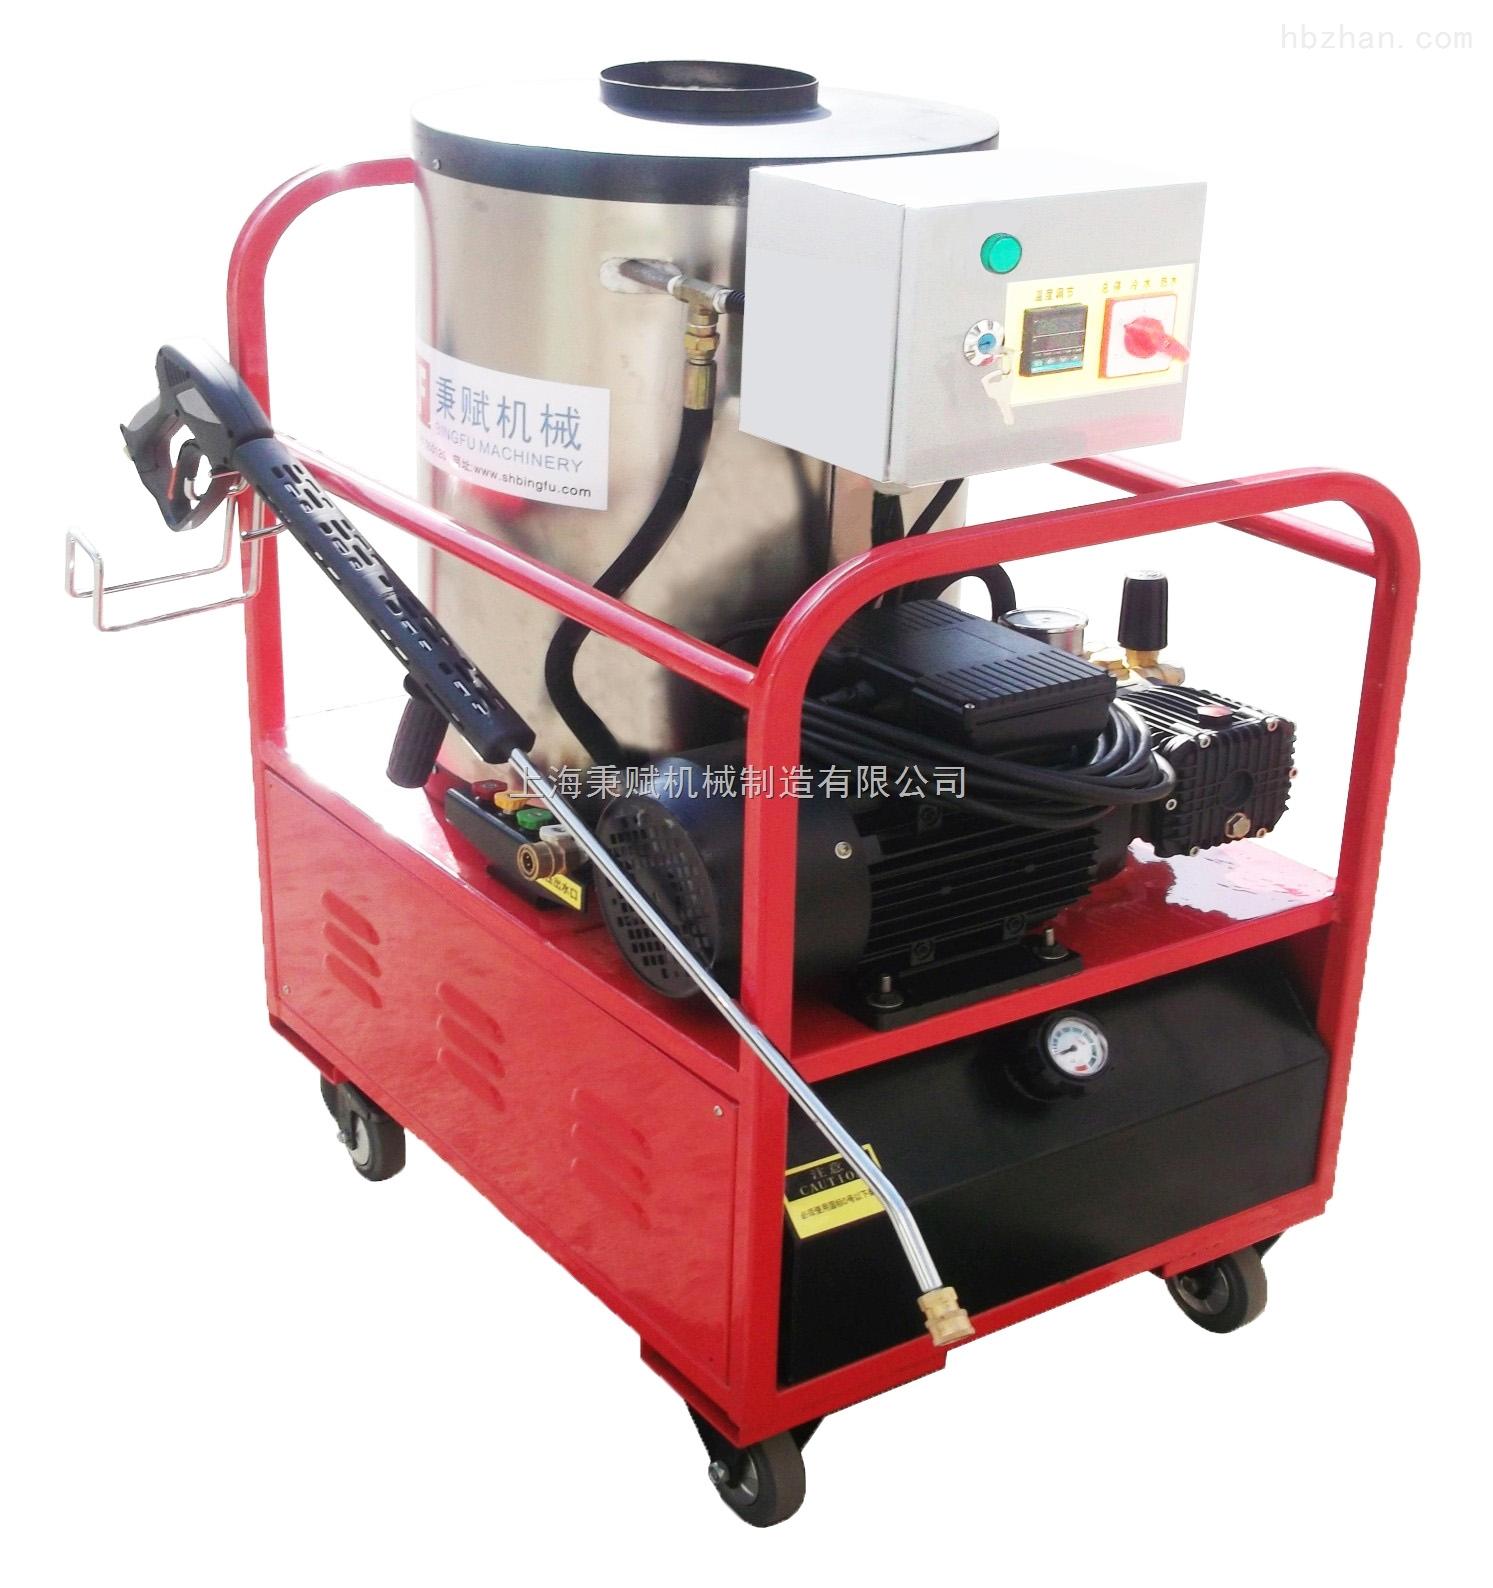 摘要:油烟管道清洗机器人可搭配热水高压清洗机,把高温喷头连接至.